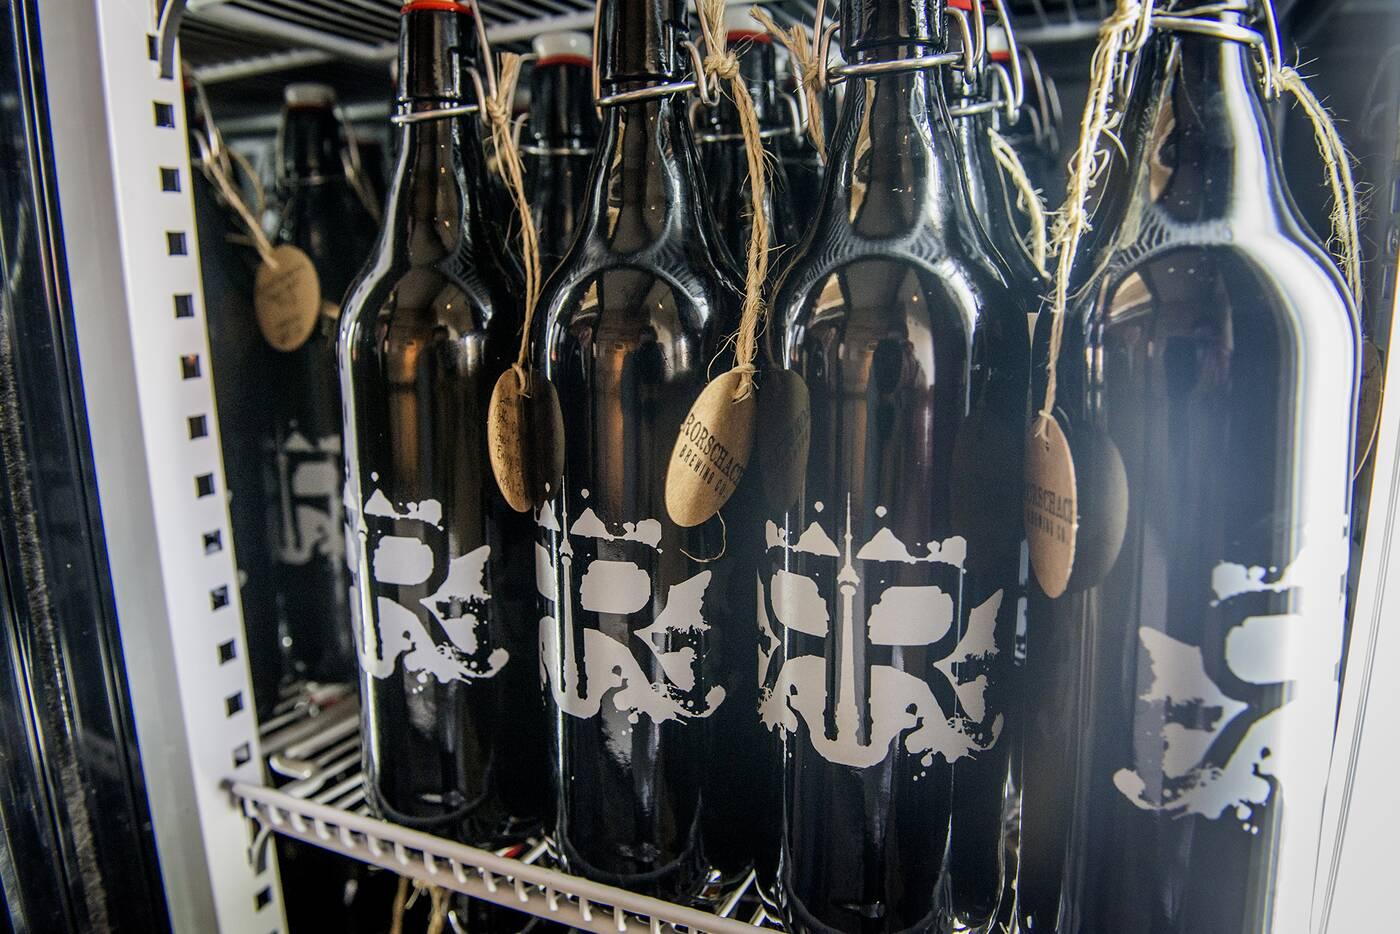 Rorschach Brewery